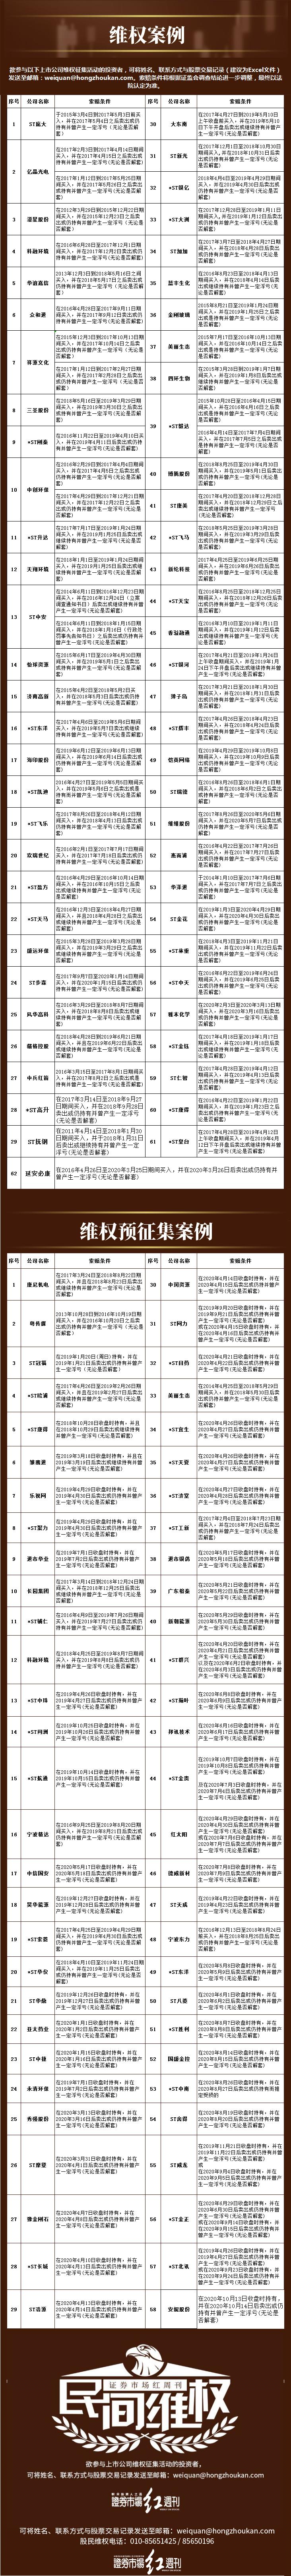 民间维权   安妮股份说明1.2亿闲置募集资金使用情况